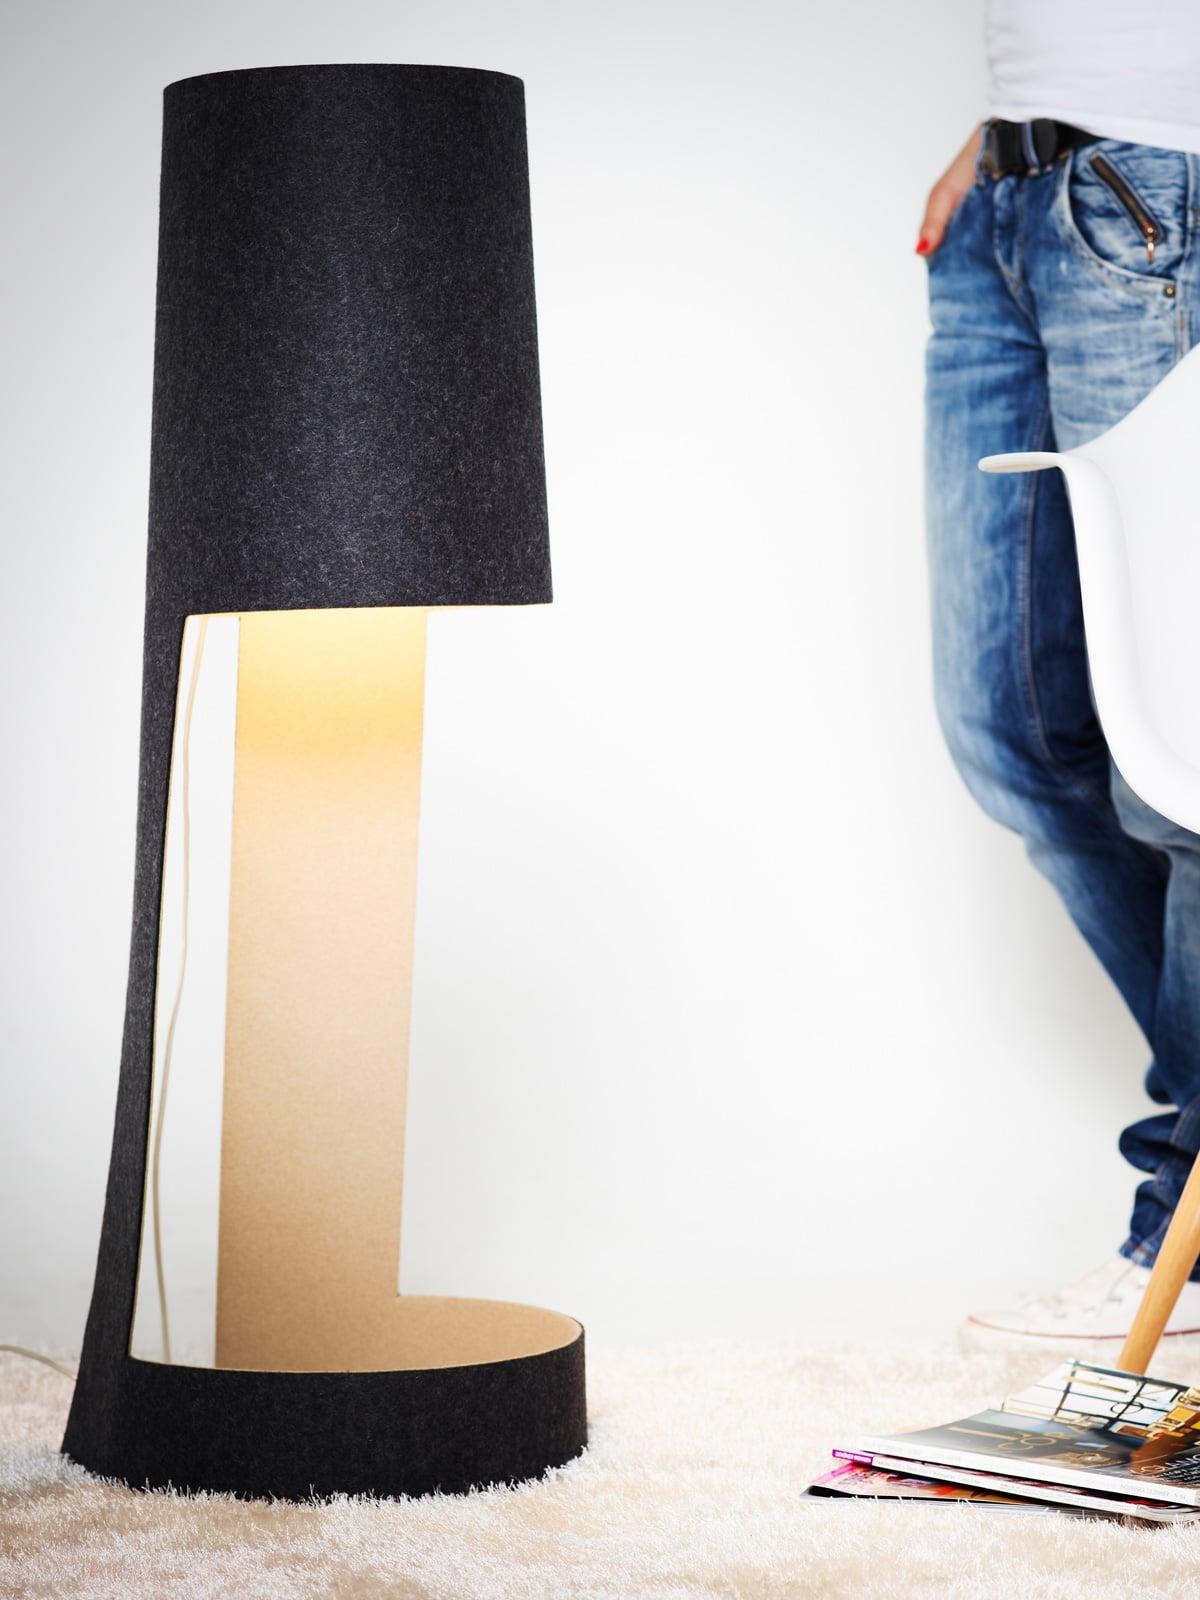 DesignOrt Blog: Trend: Bodenleuchten MIA Domus